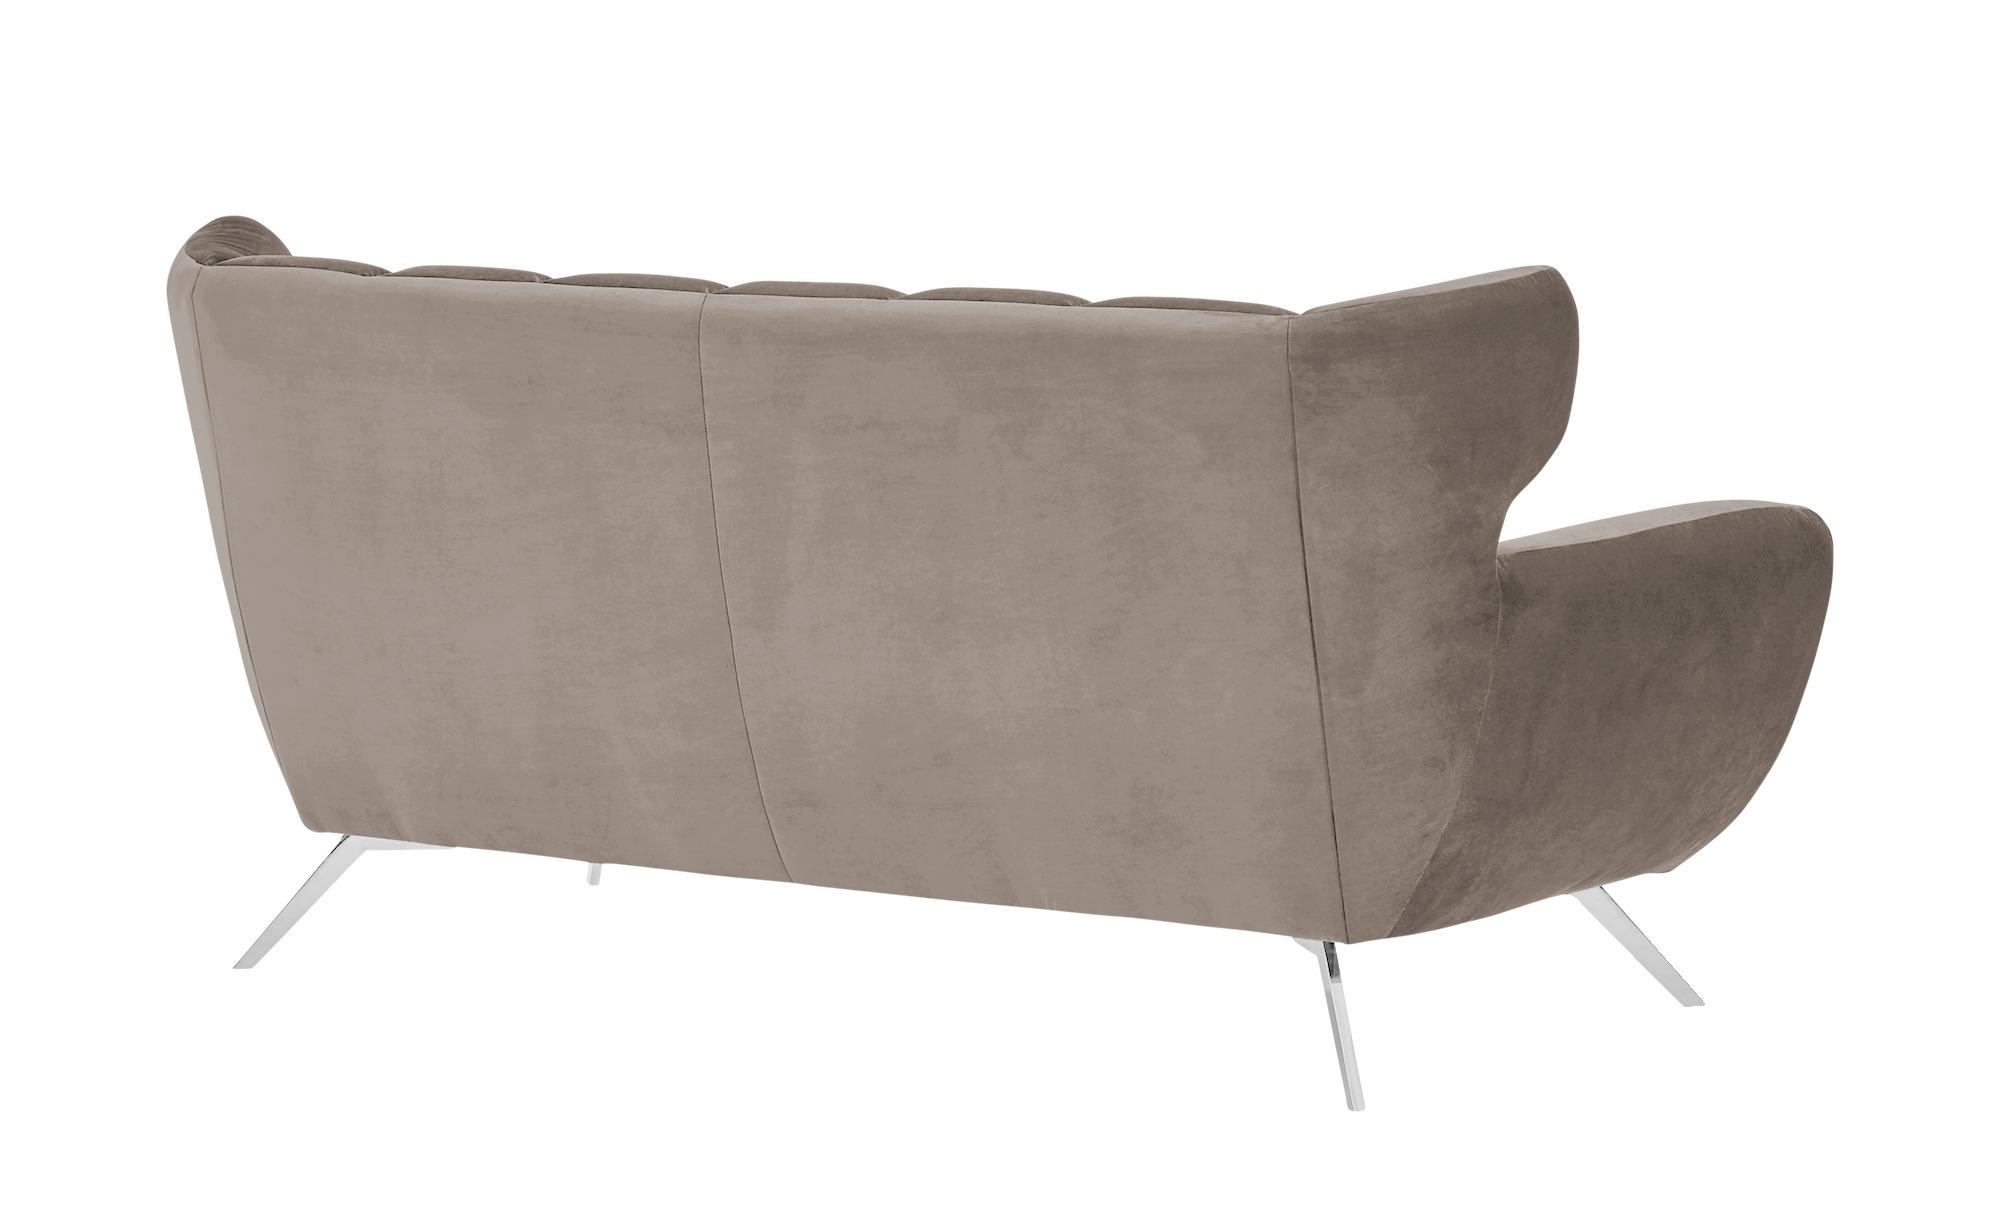 Sofa  Caldara ¦ beige ¦ Maße (cm): B: 200 H: 94 T: 95 Polstermöbel > Sofas > Einzelsofas - Höffner